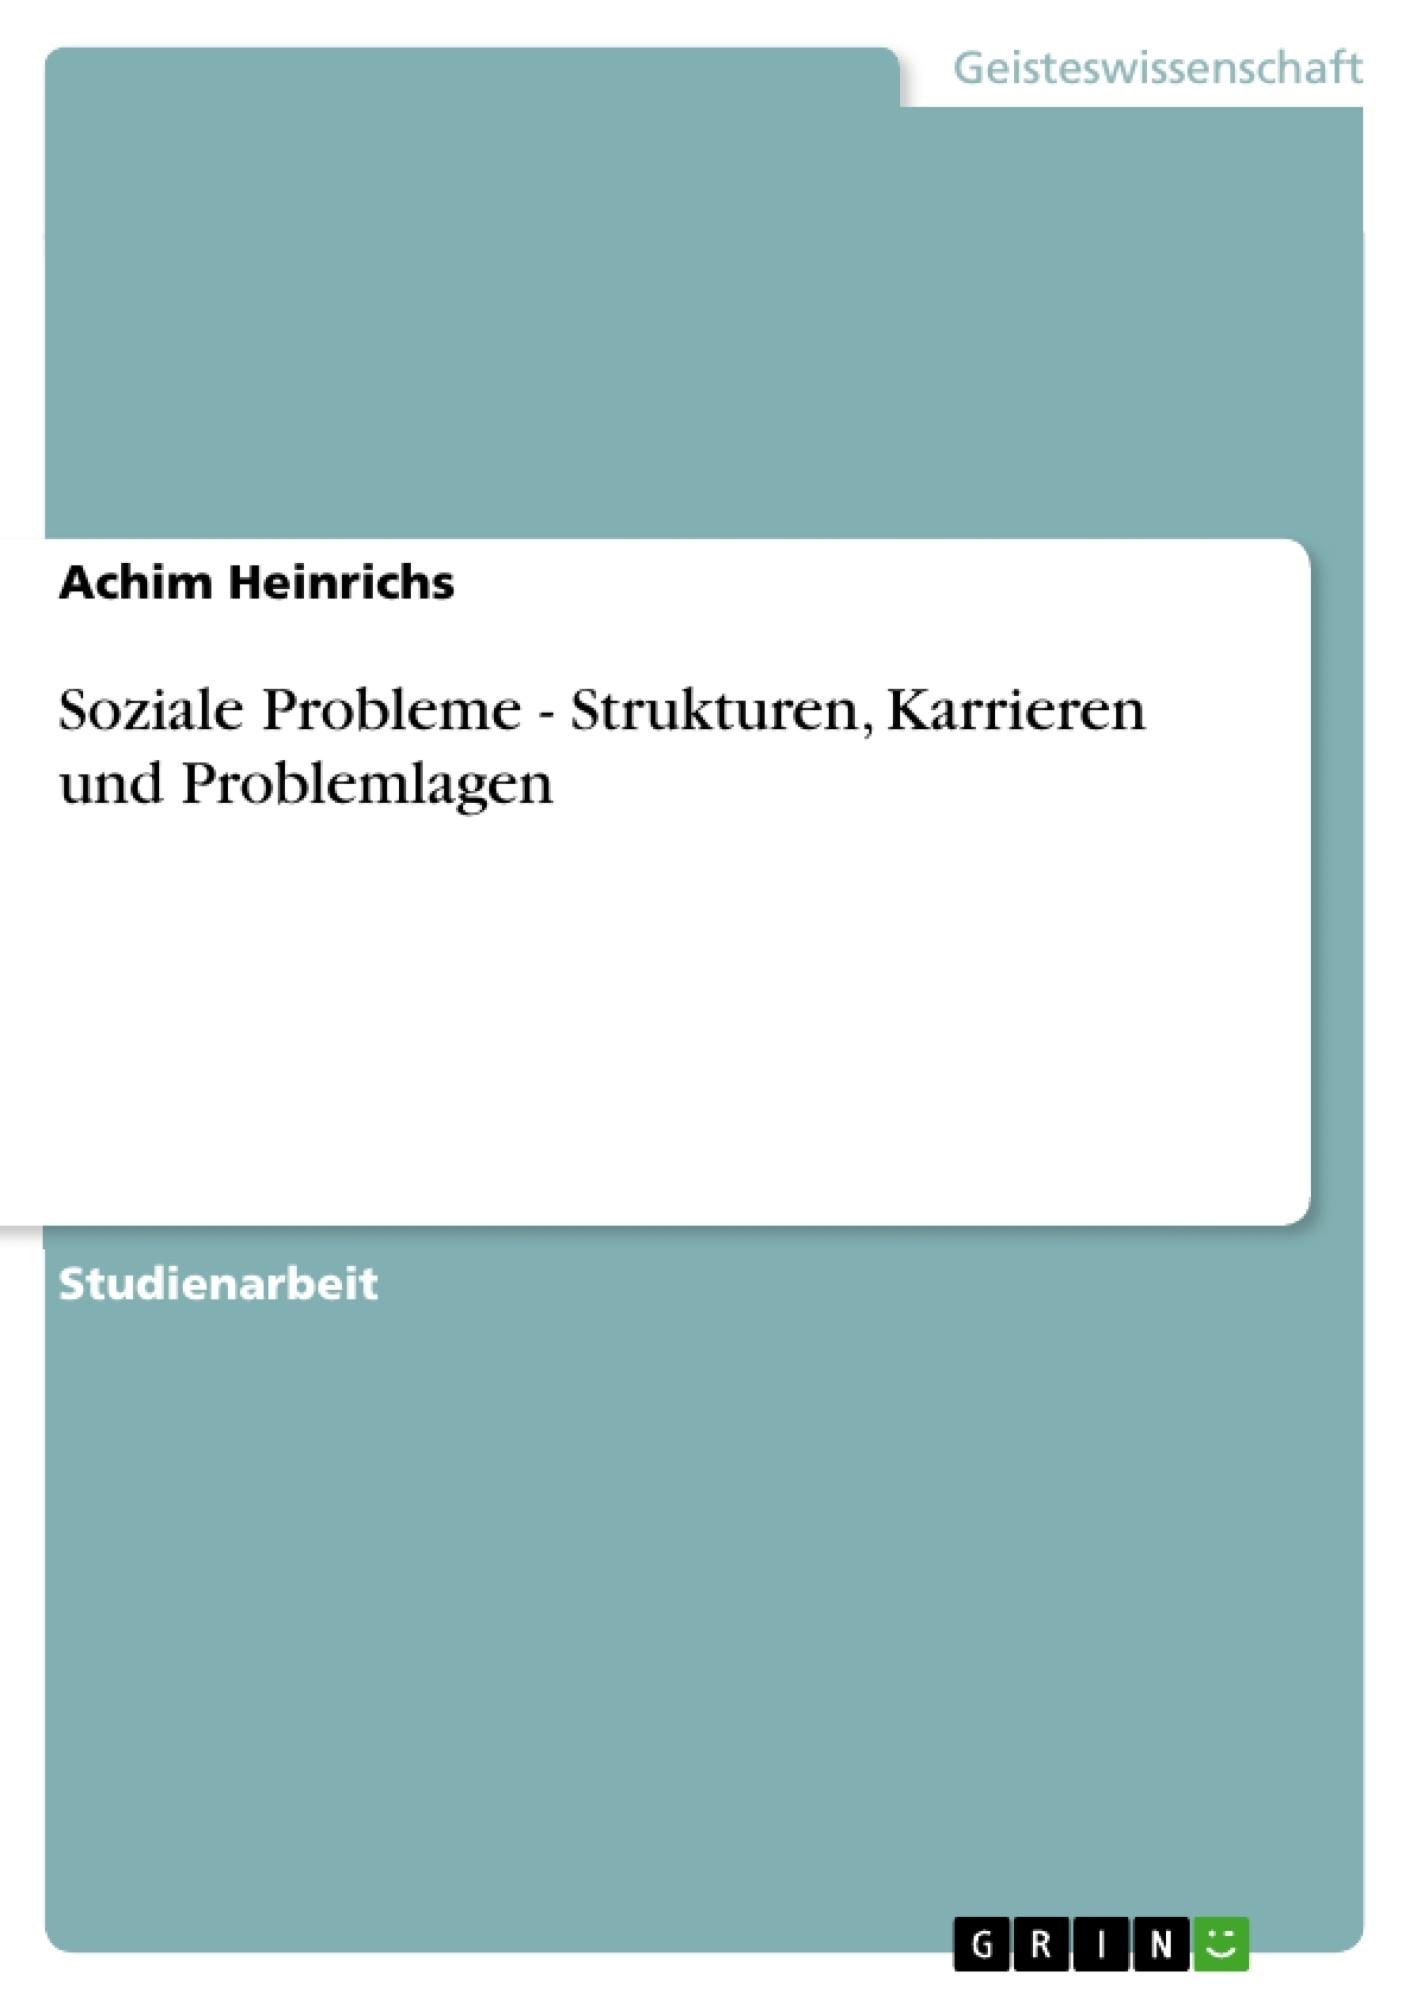 Titel: Soziale Probleme - Strukturen, Karrieren und Problemlagen